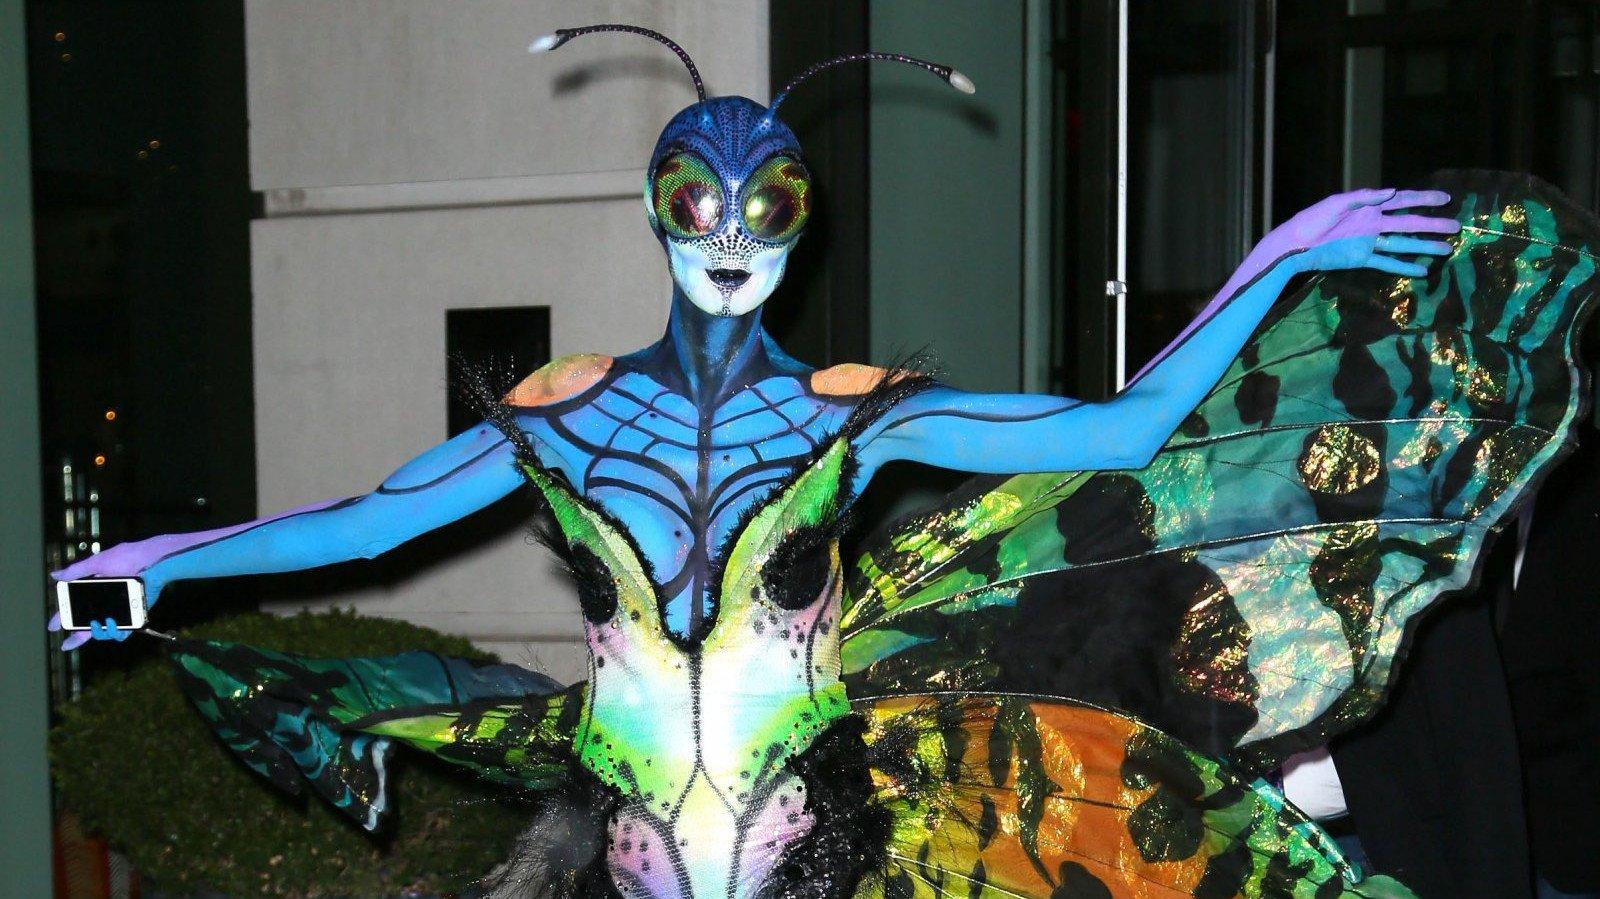 Heidi Klum disfrazada de mariposa.